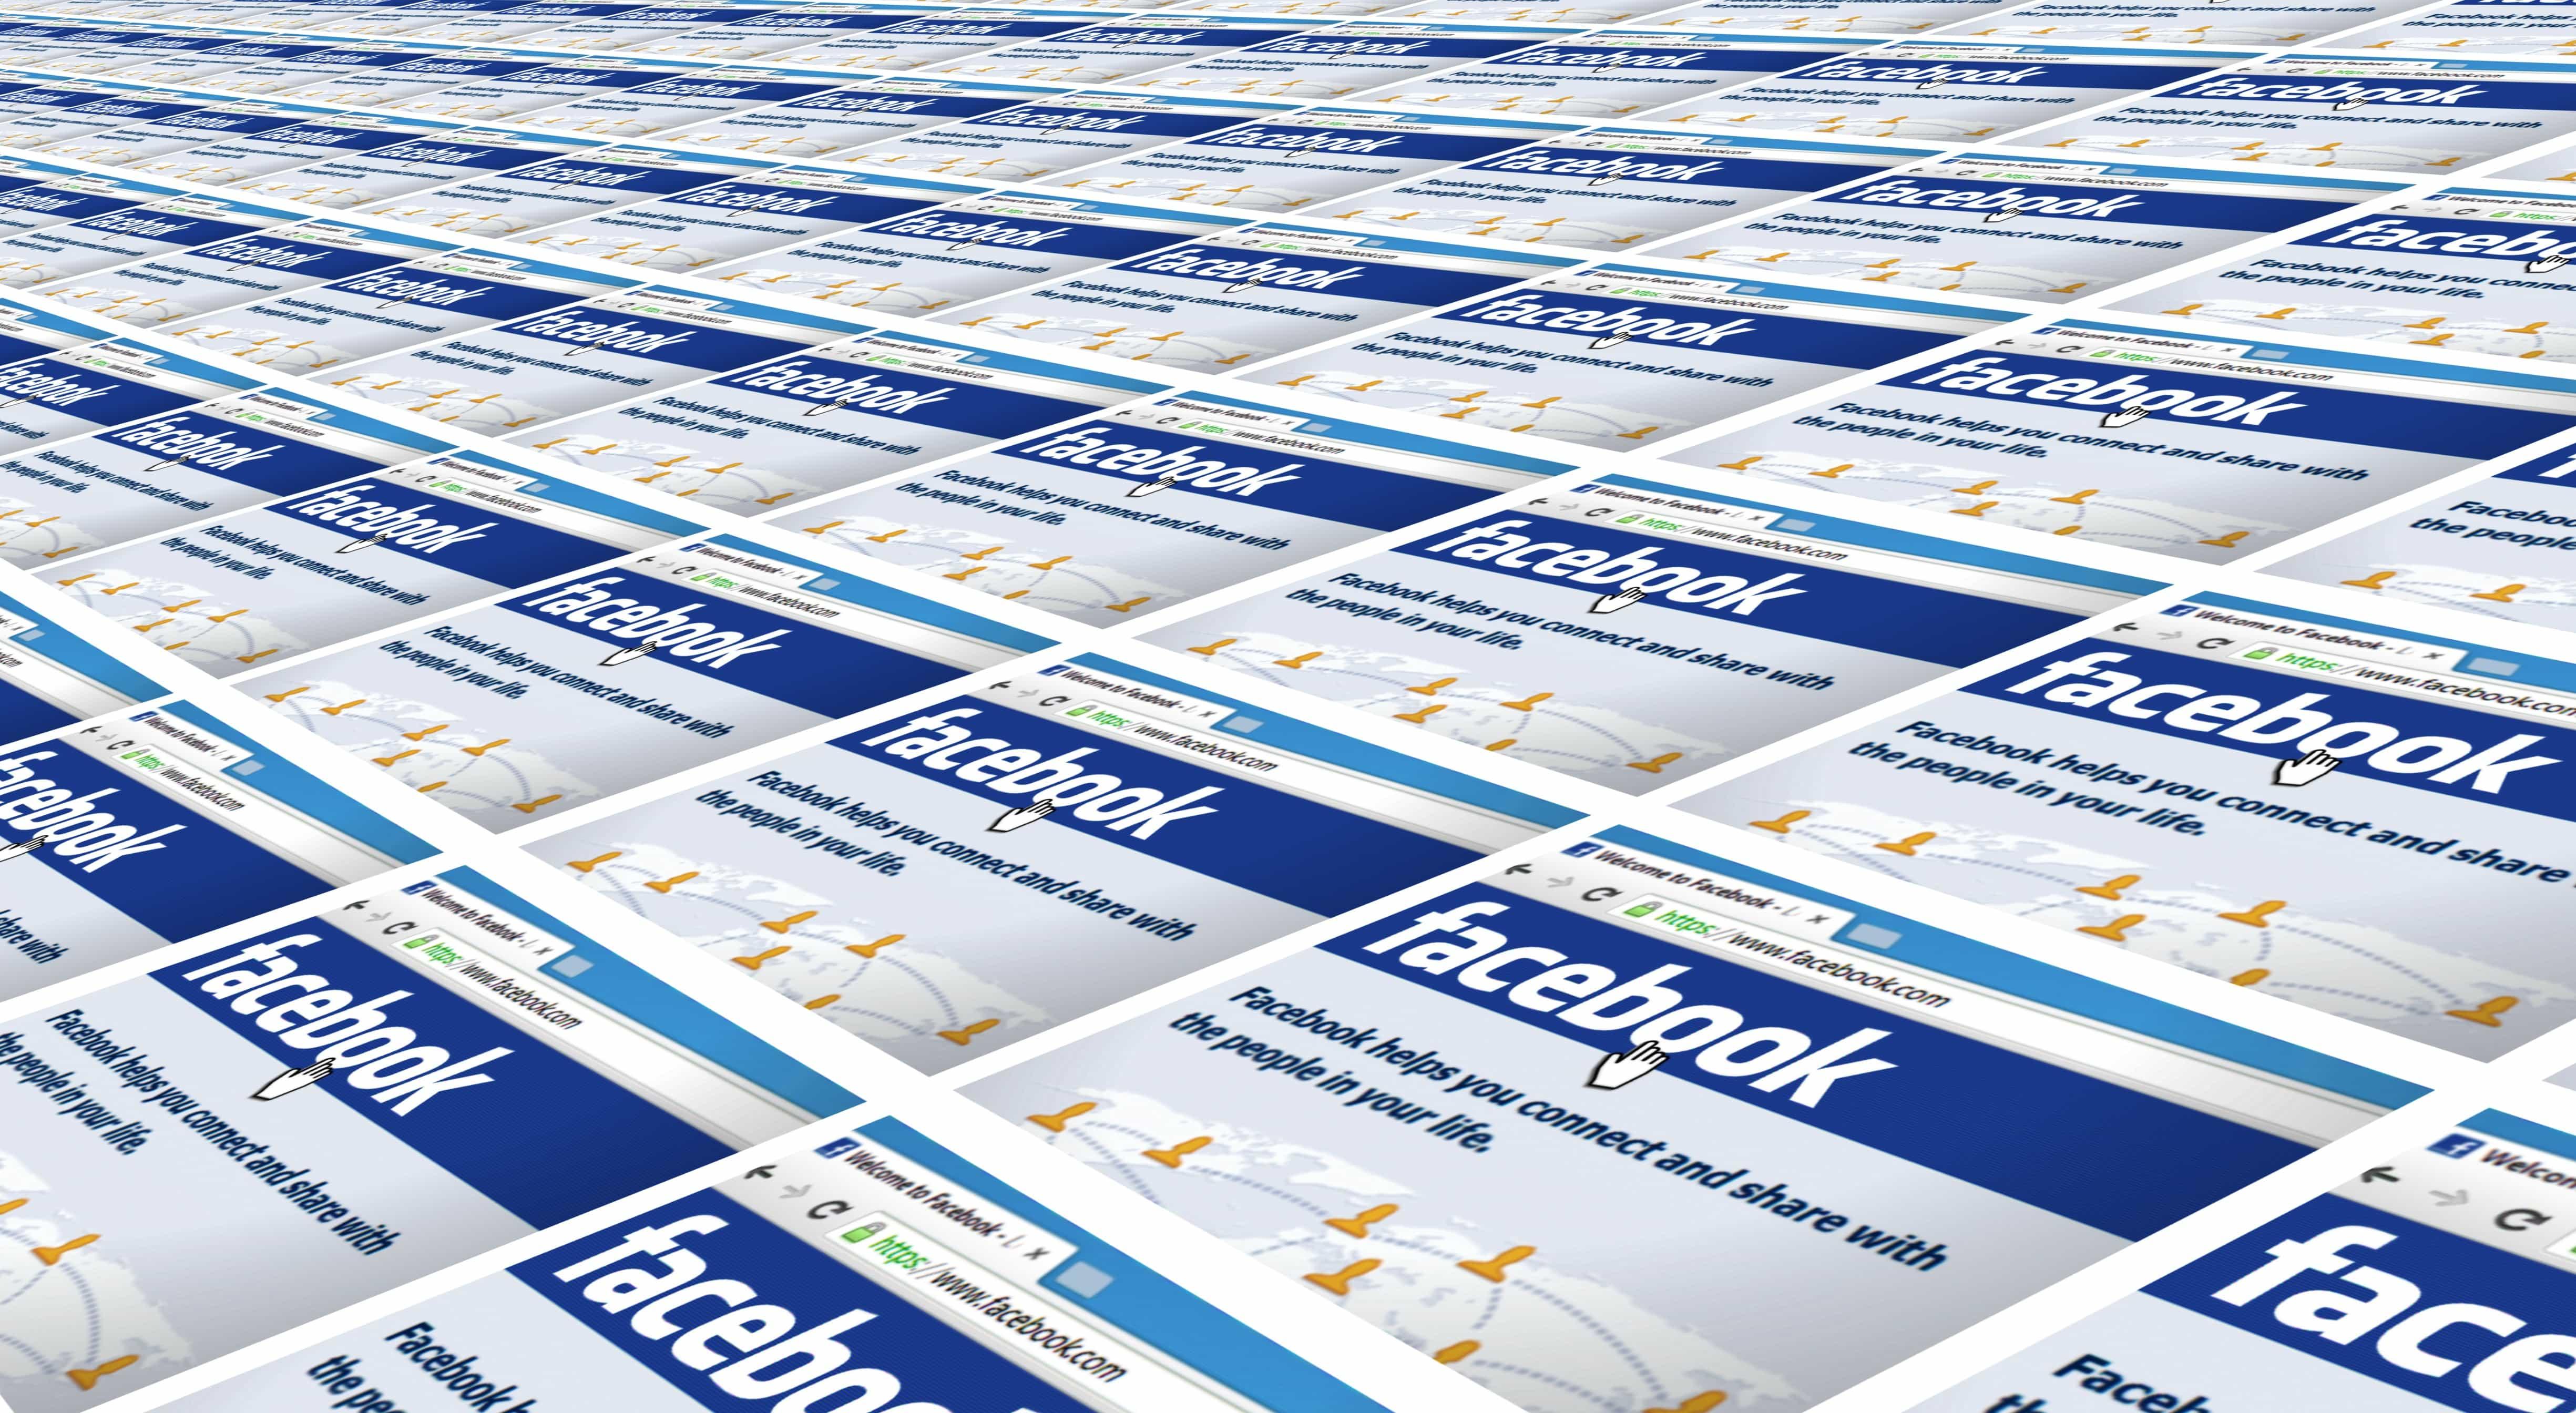 Contenido para redes sociales. ¿Cómo planificar una campaña?